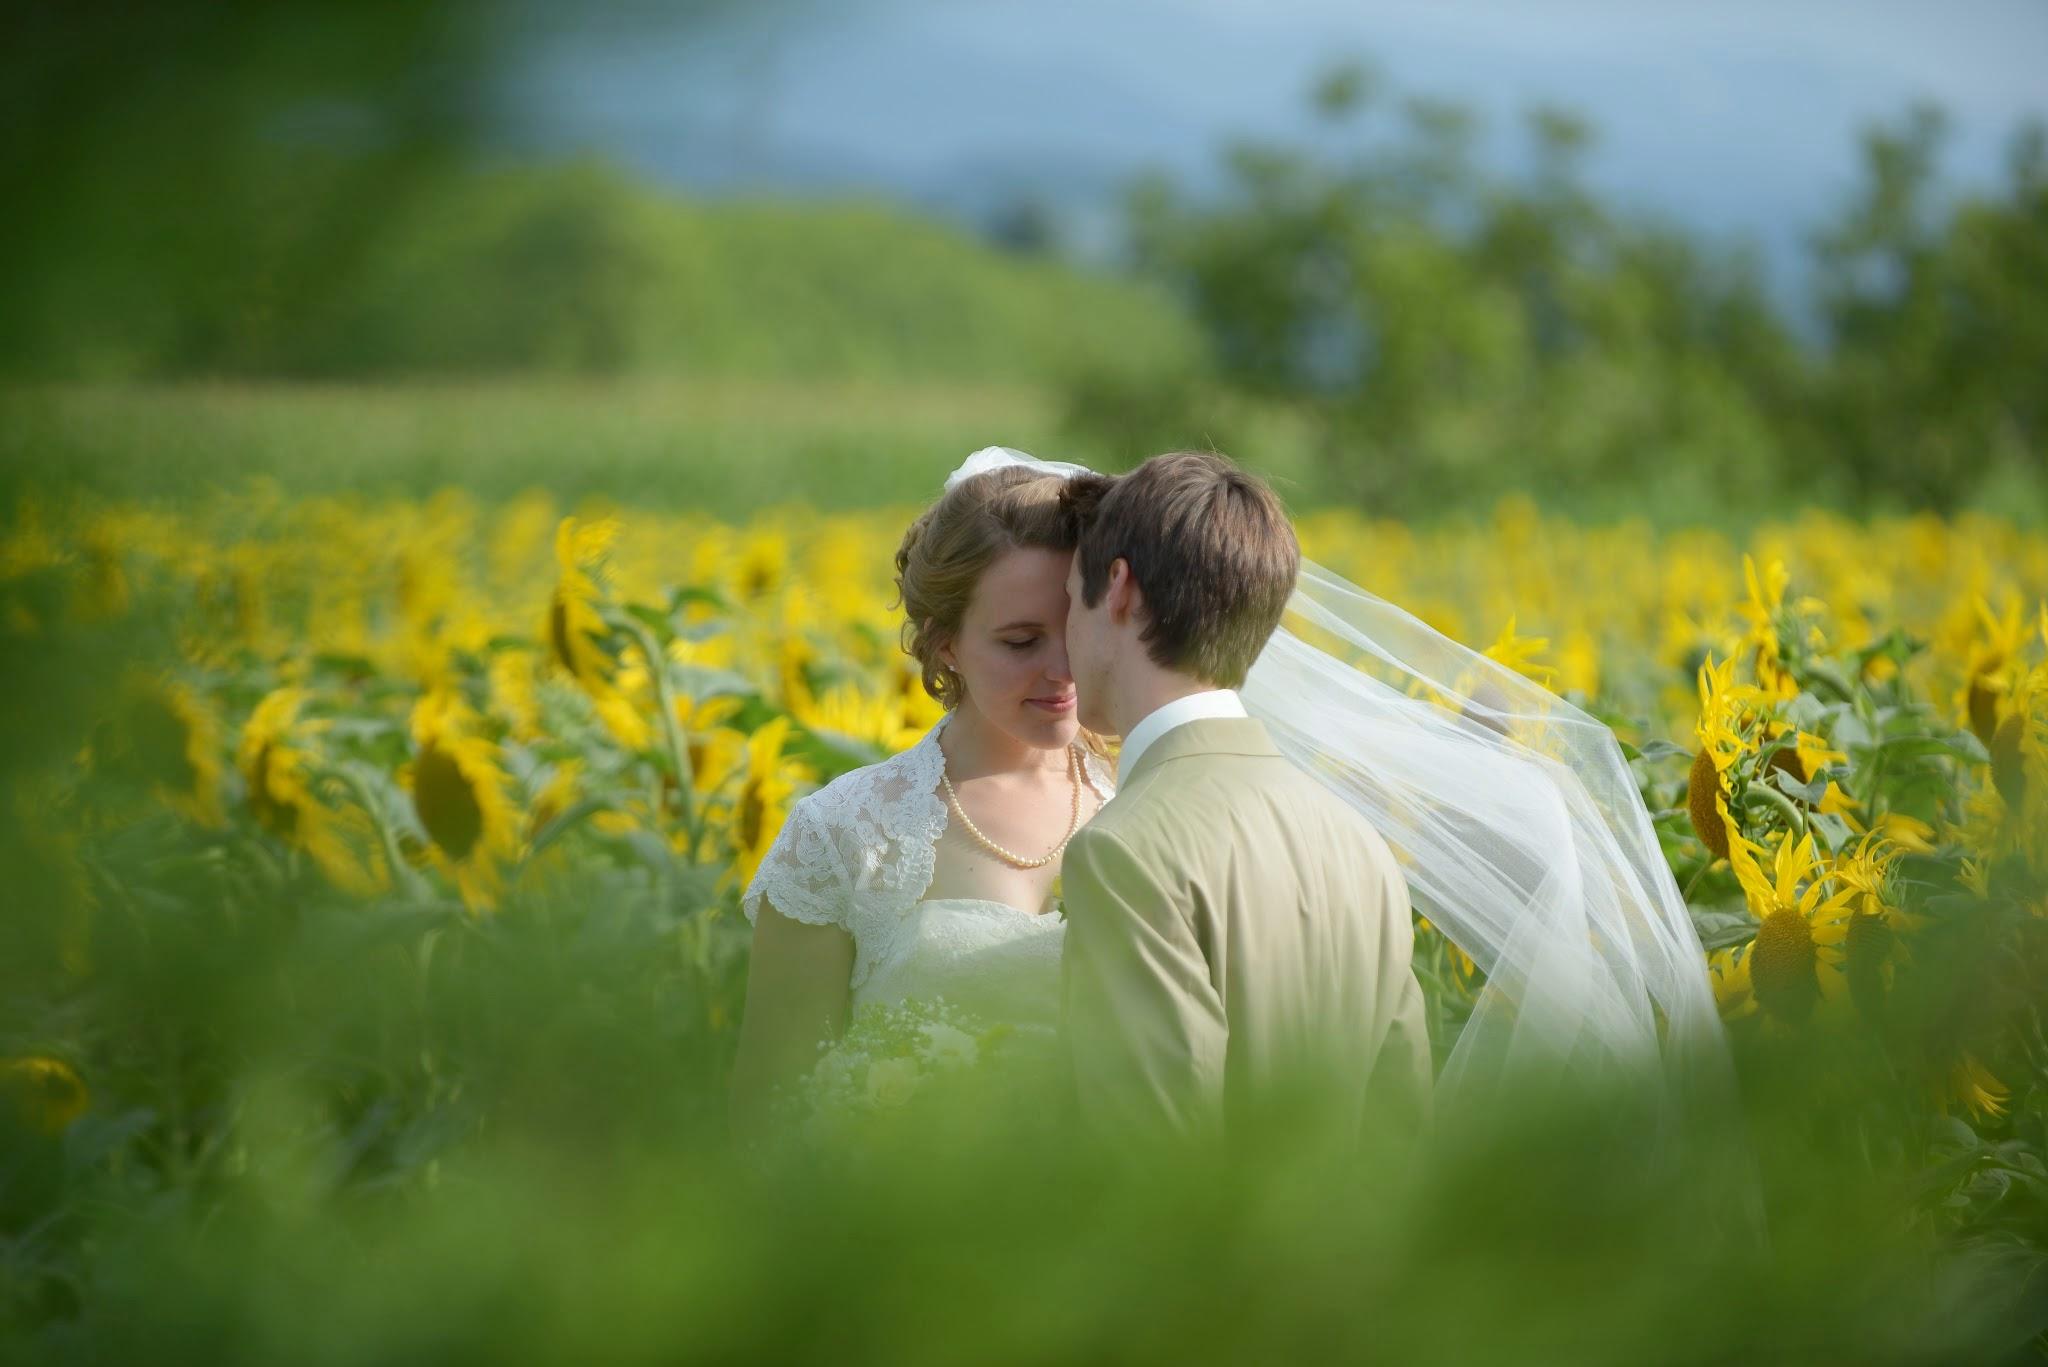 Le mariage franco-américain et romantique de Sarah dans les champs de tournesols